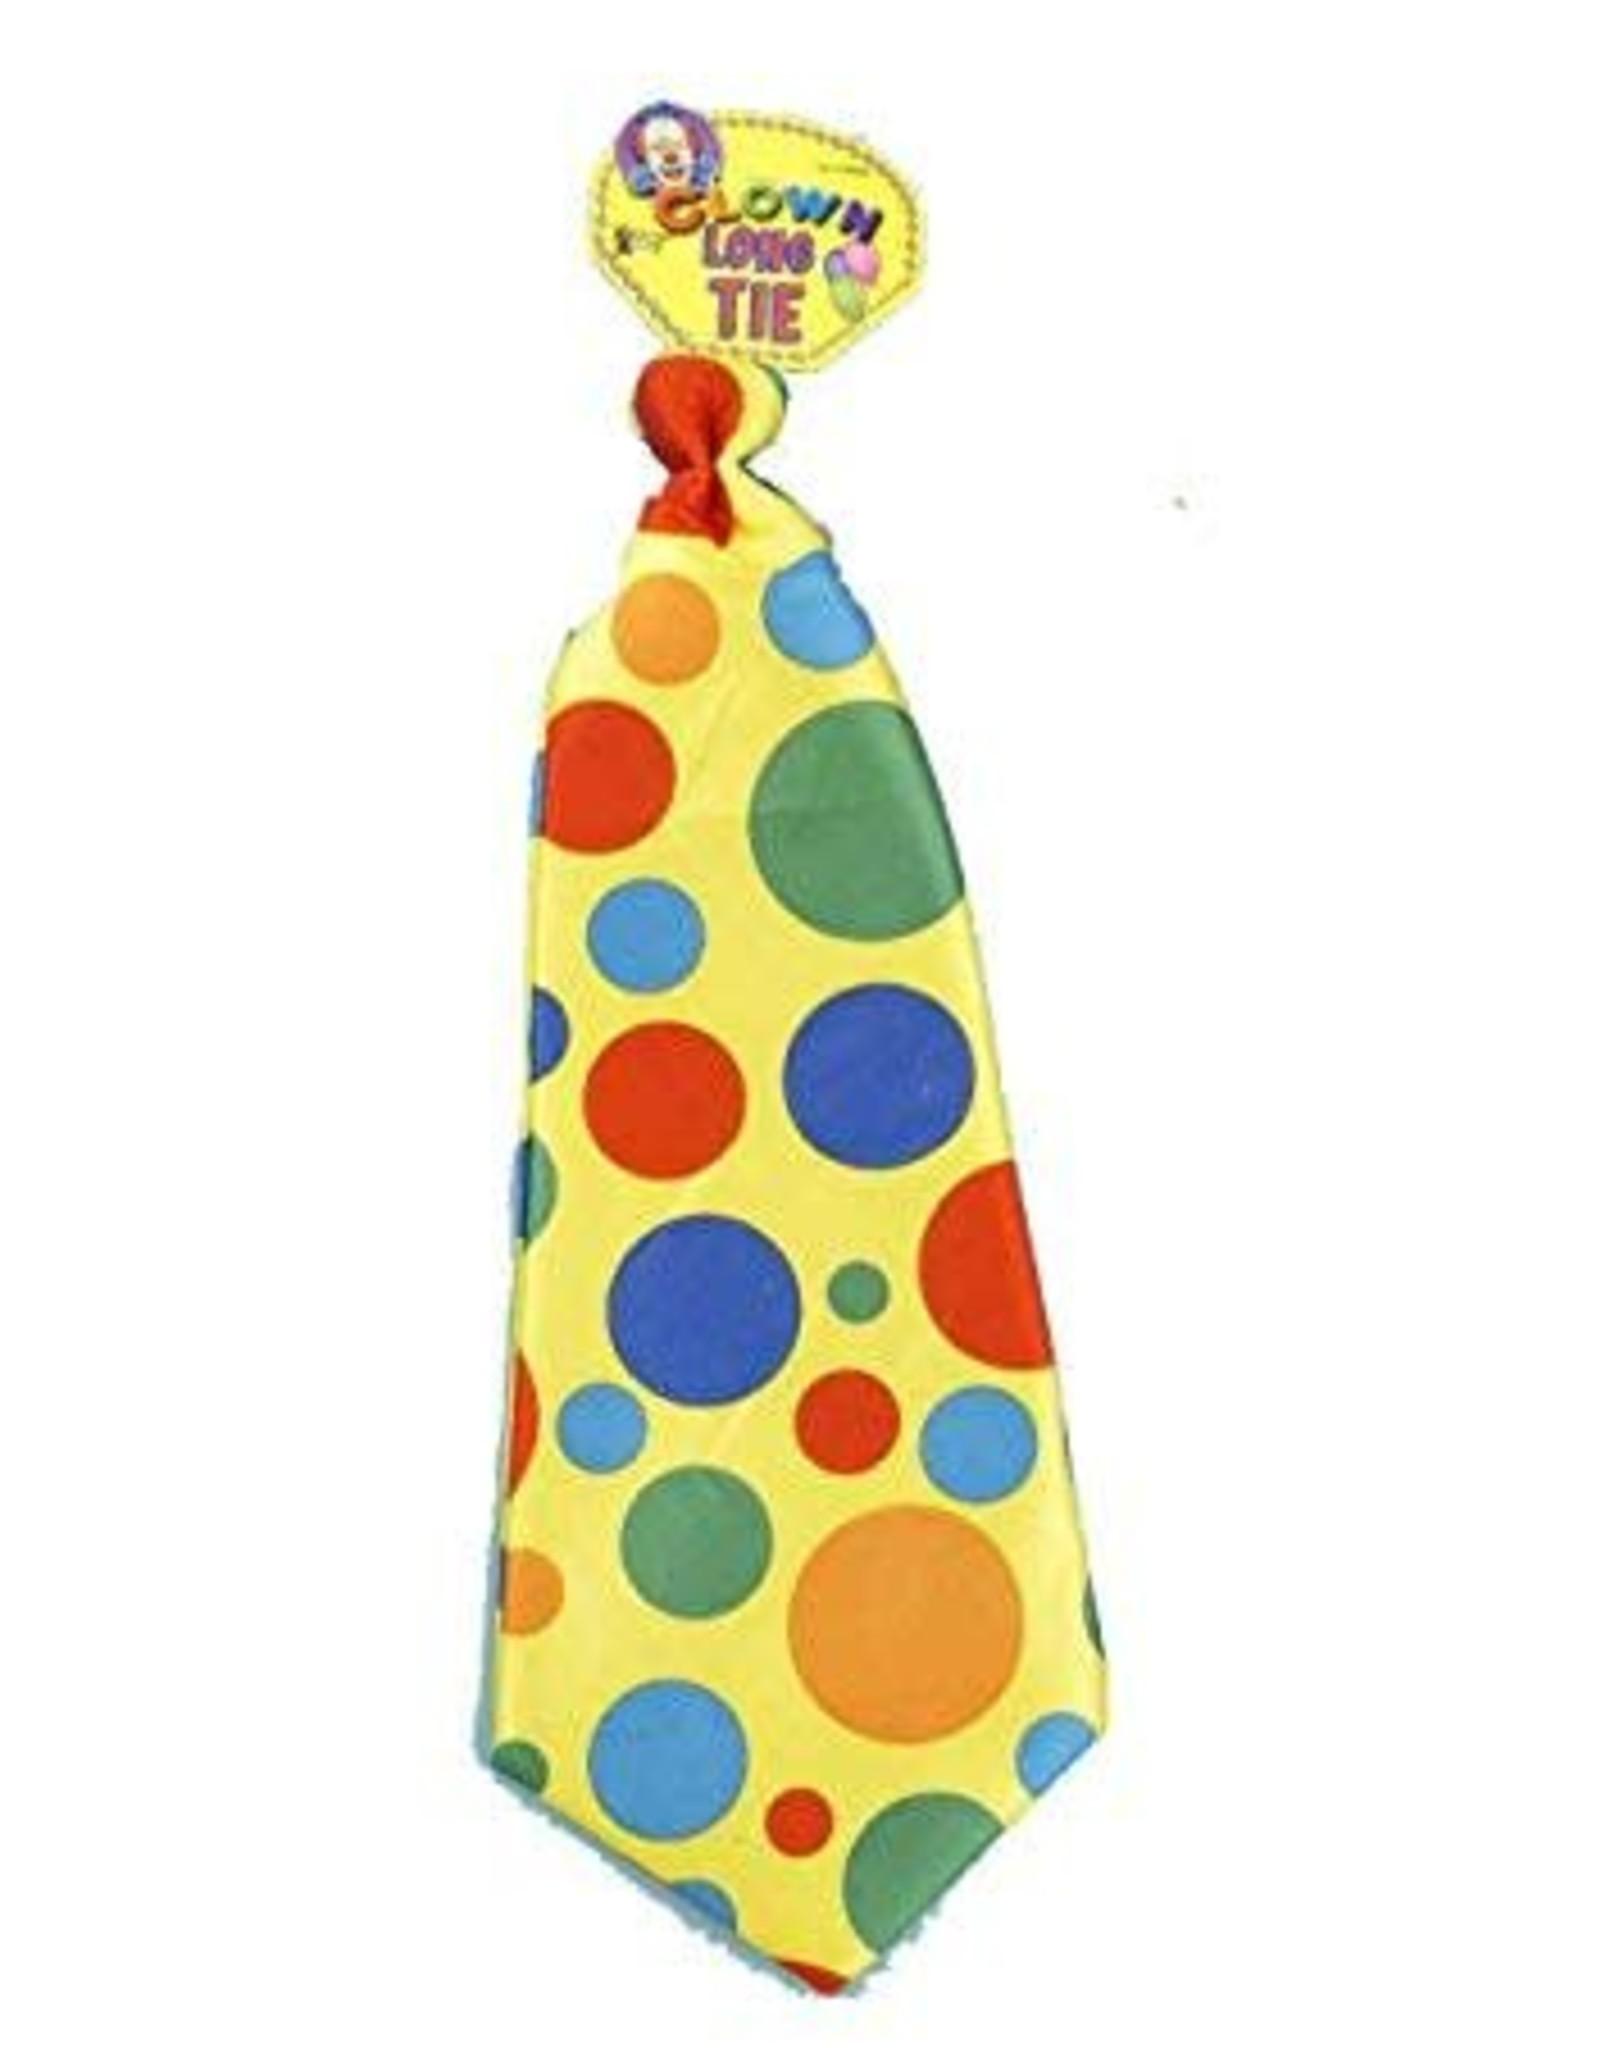 Forum Jumbo Clown Long tie